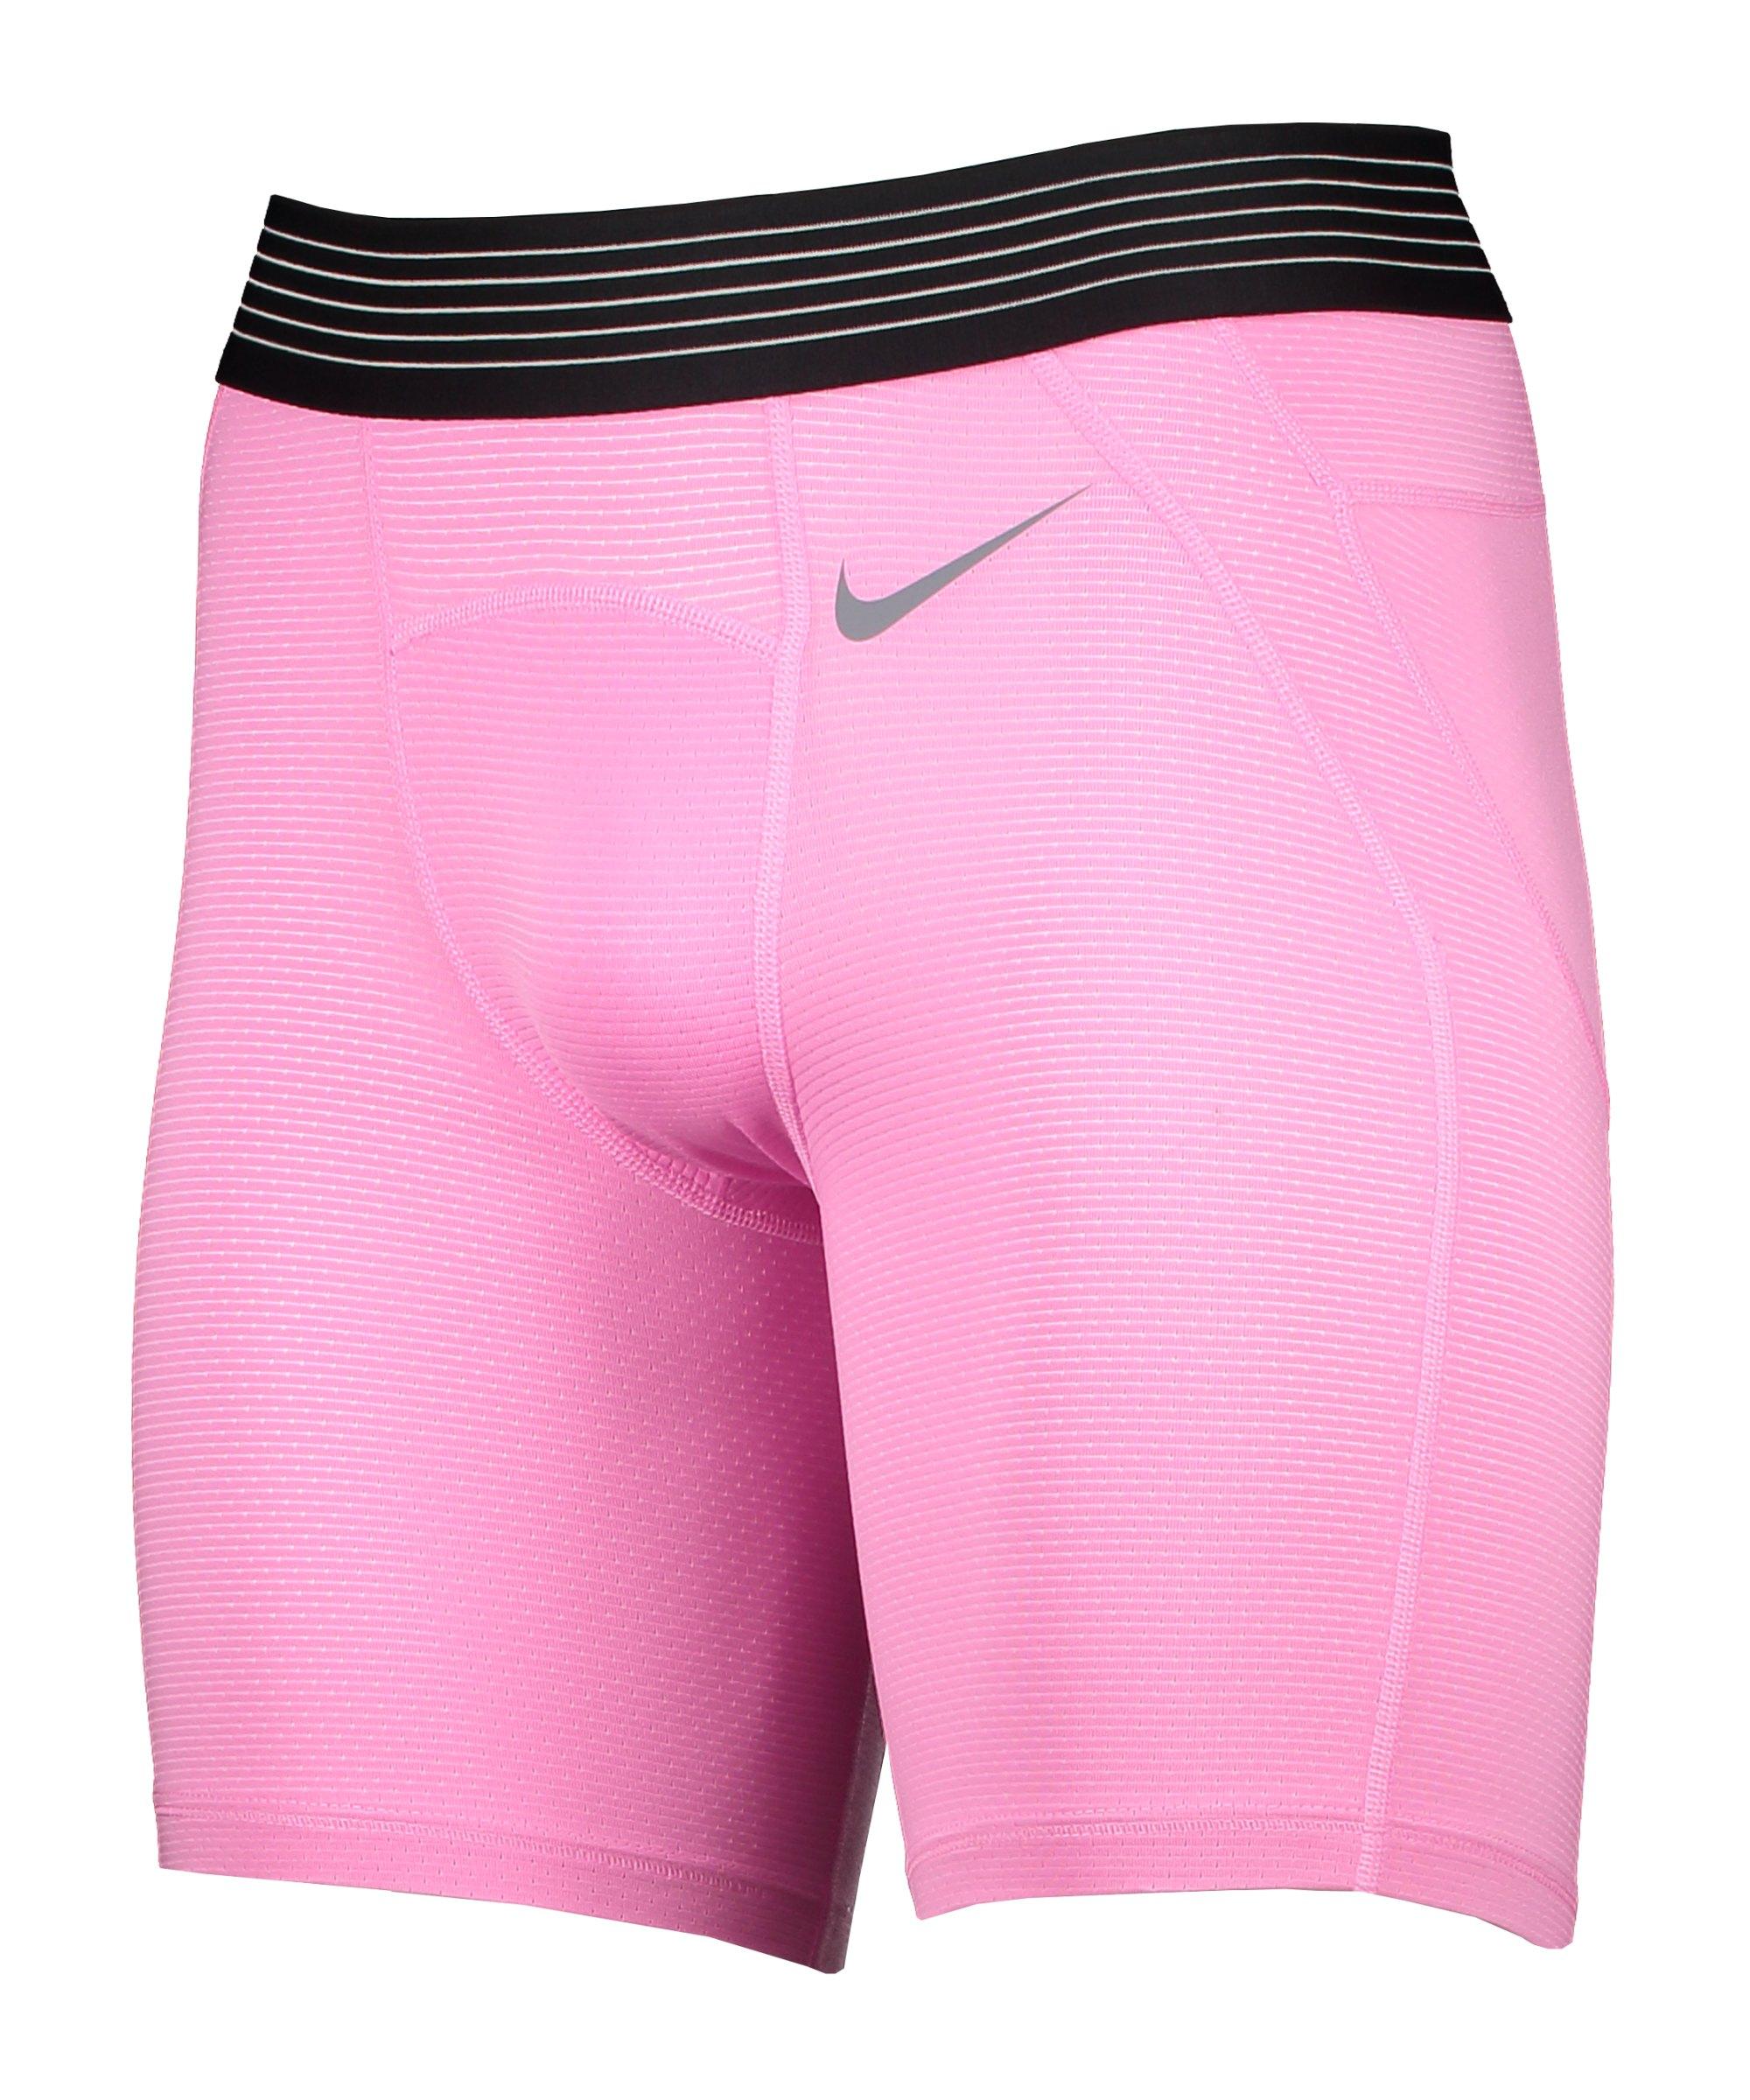 Nike Pro Hypercool Short 6in F627 - rosa